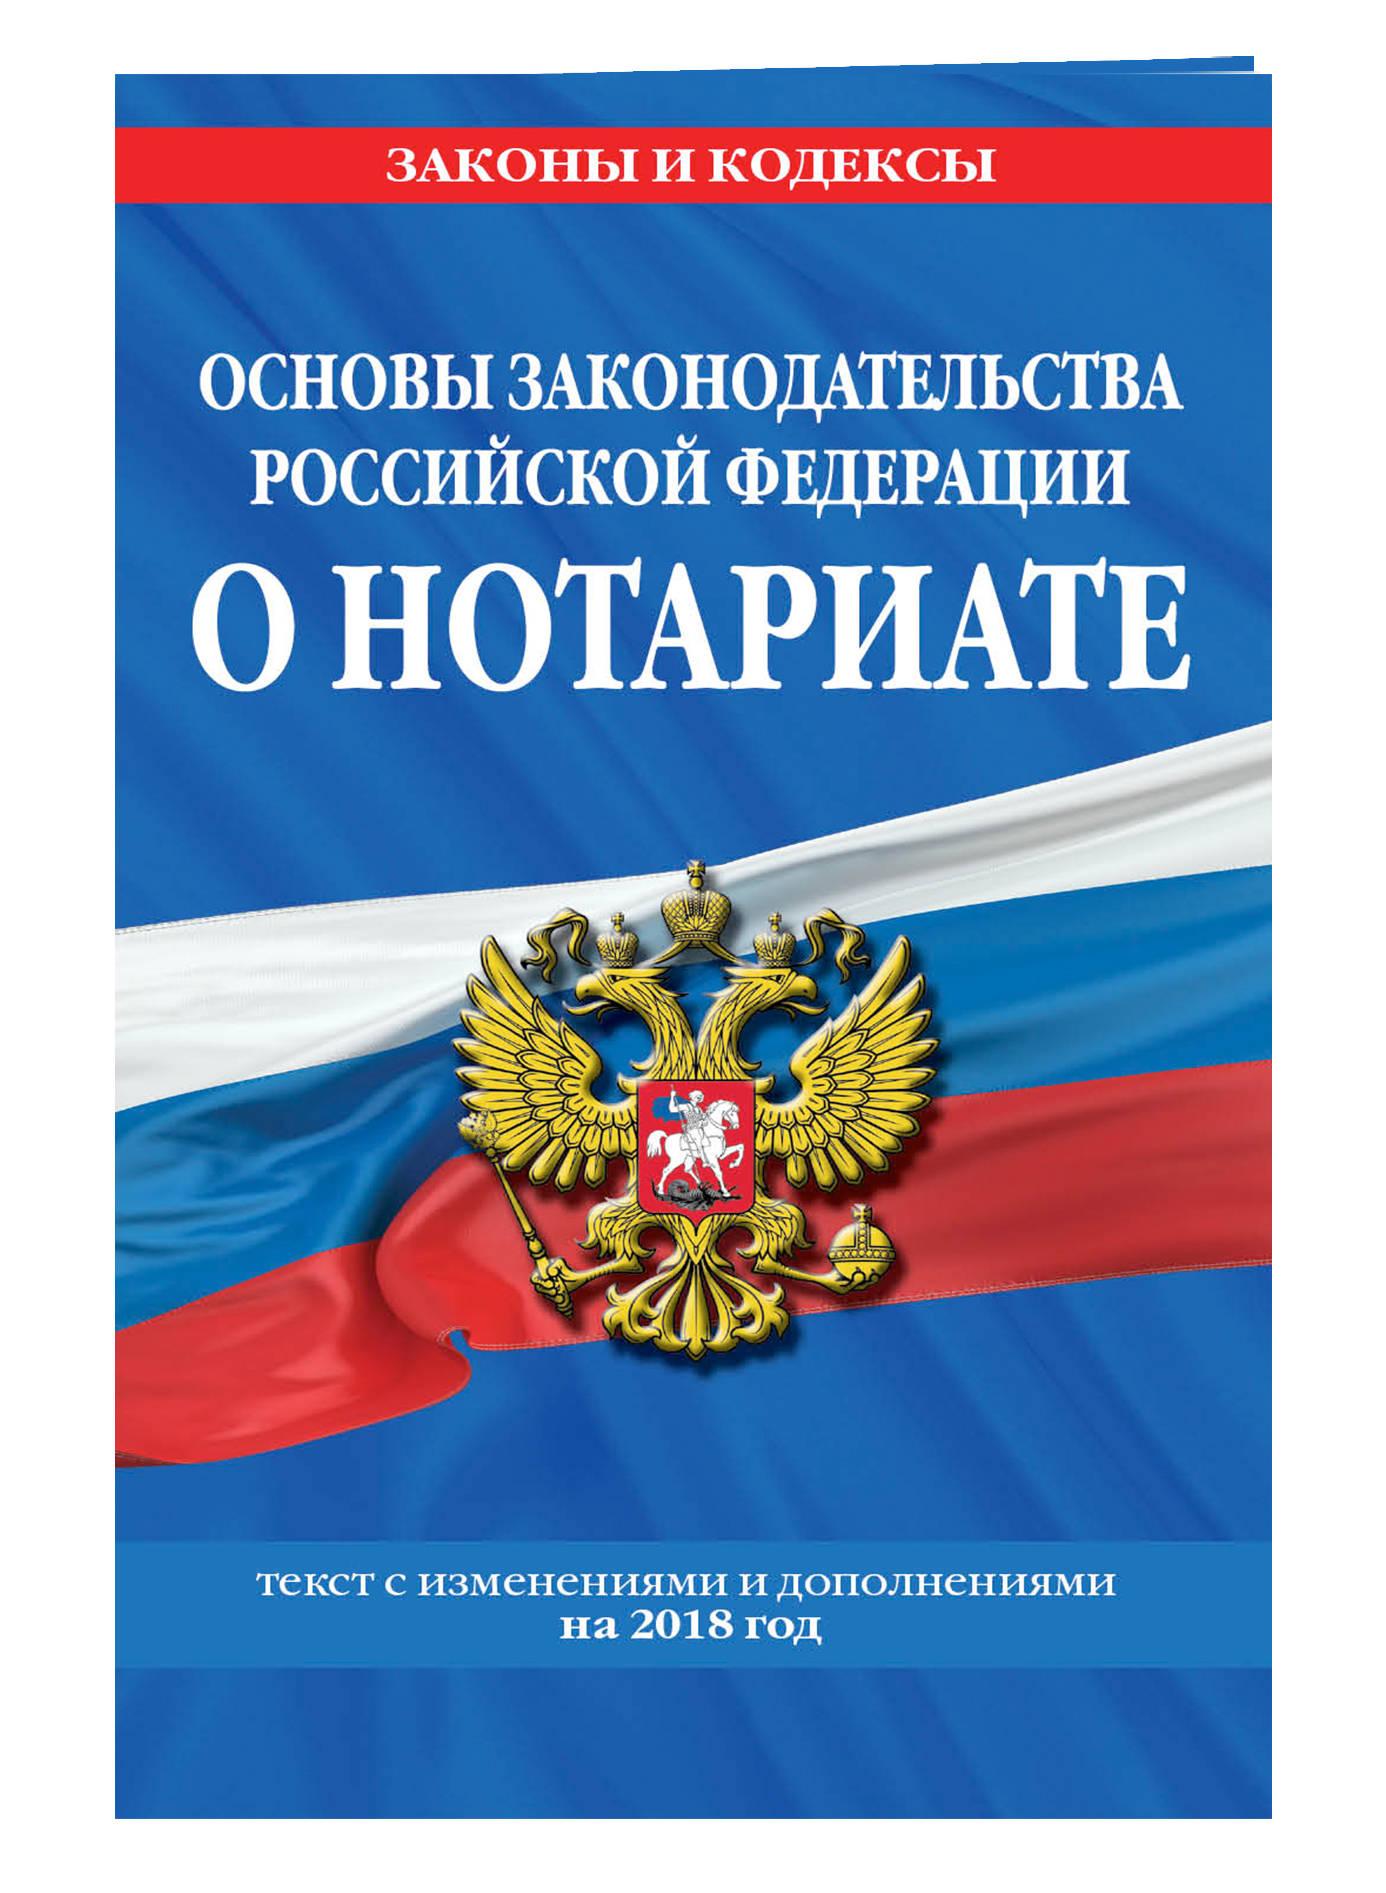 Основы законодательства Российской Федерации о нотариате: текст с изм. и доп. на 2018 г. проект закона о нотариате с пояснениями